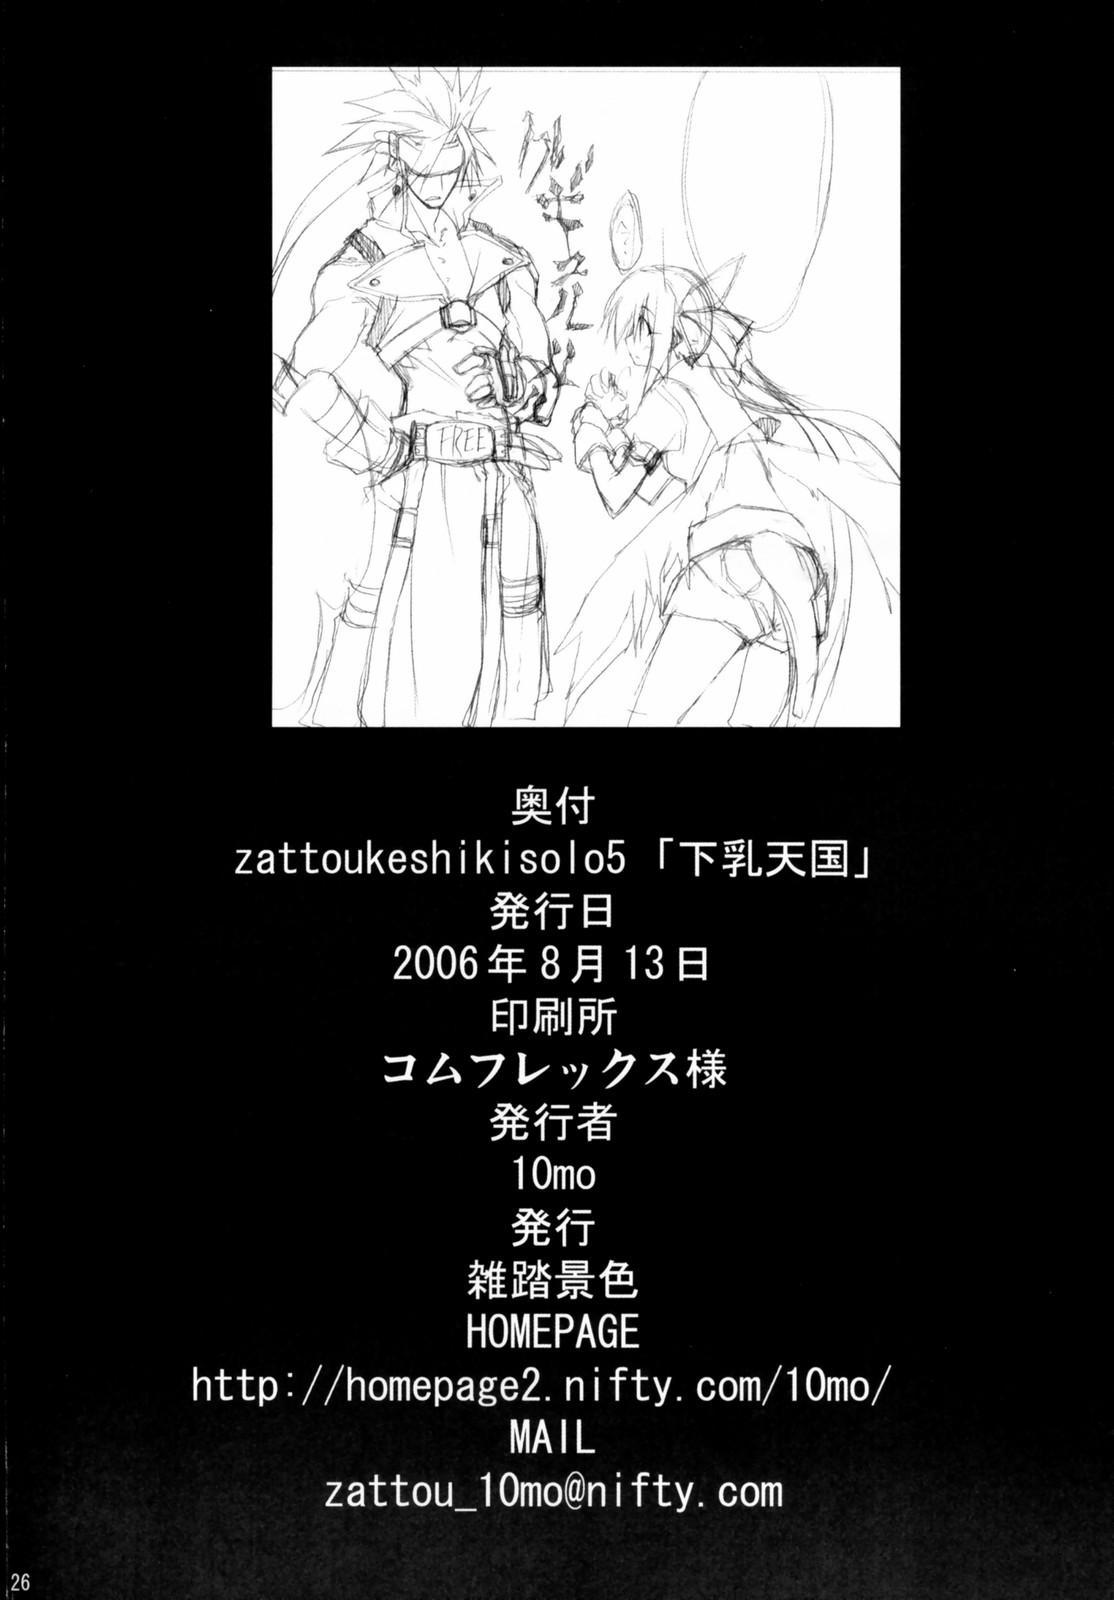 Zattou Keshiki Solo 5 Shitachichi Tengoku 24